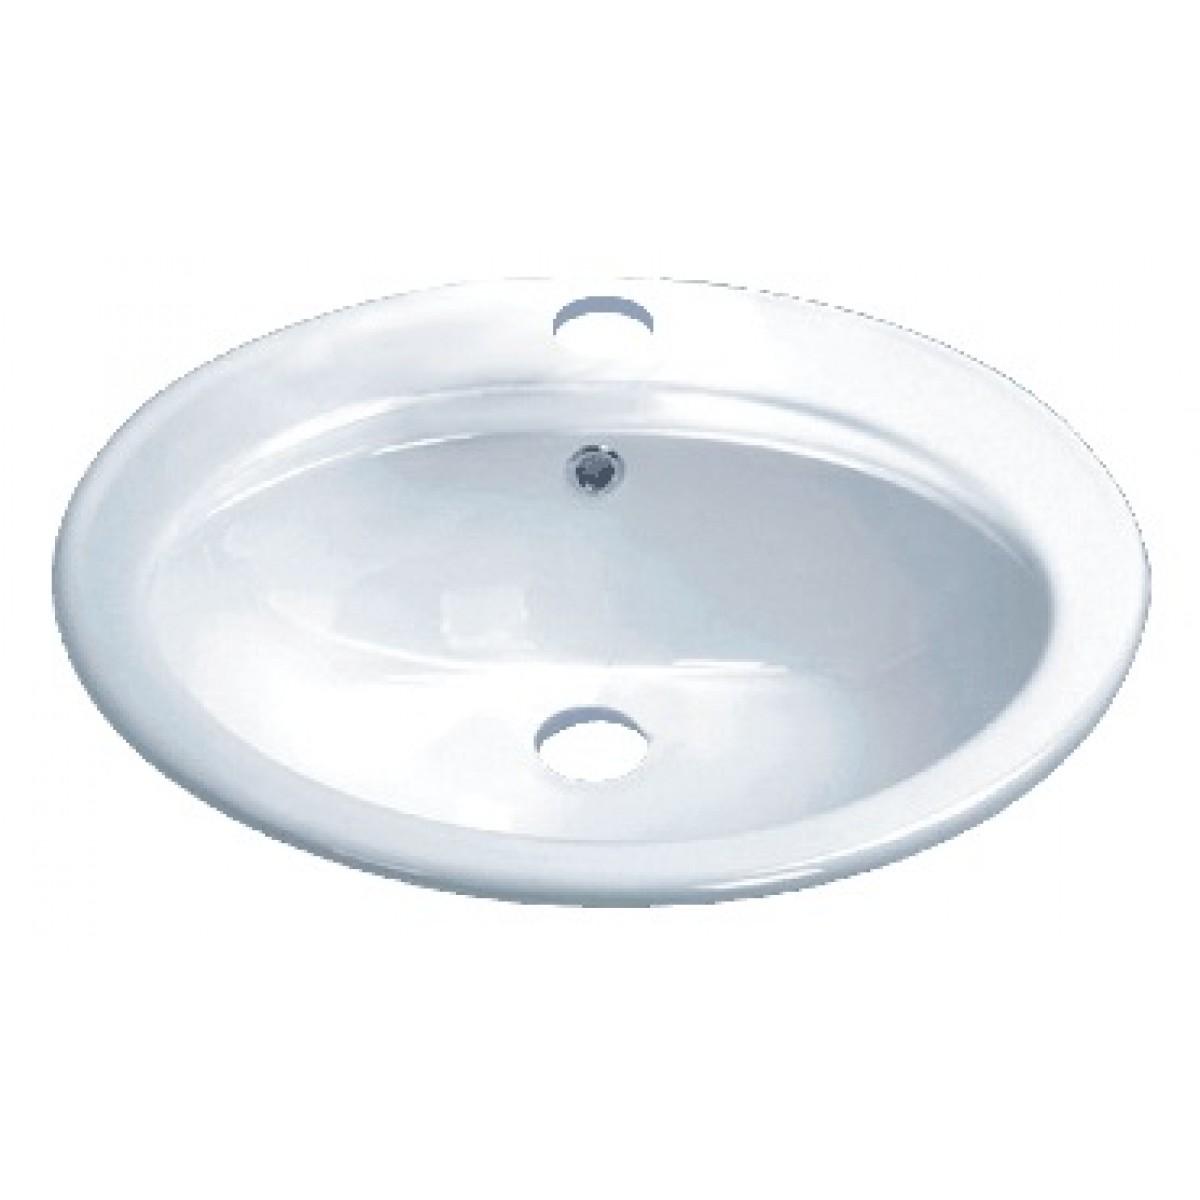 Porcelain Ceramic Vanity Drop In Bathroom Vessel Sink 22